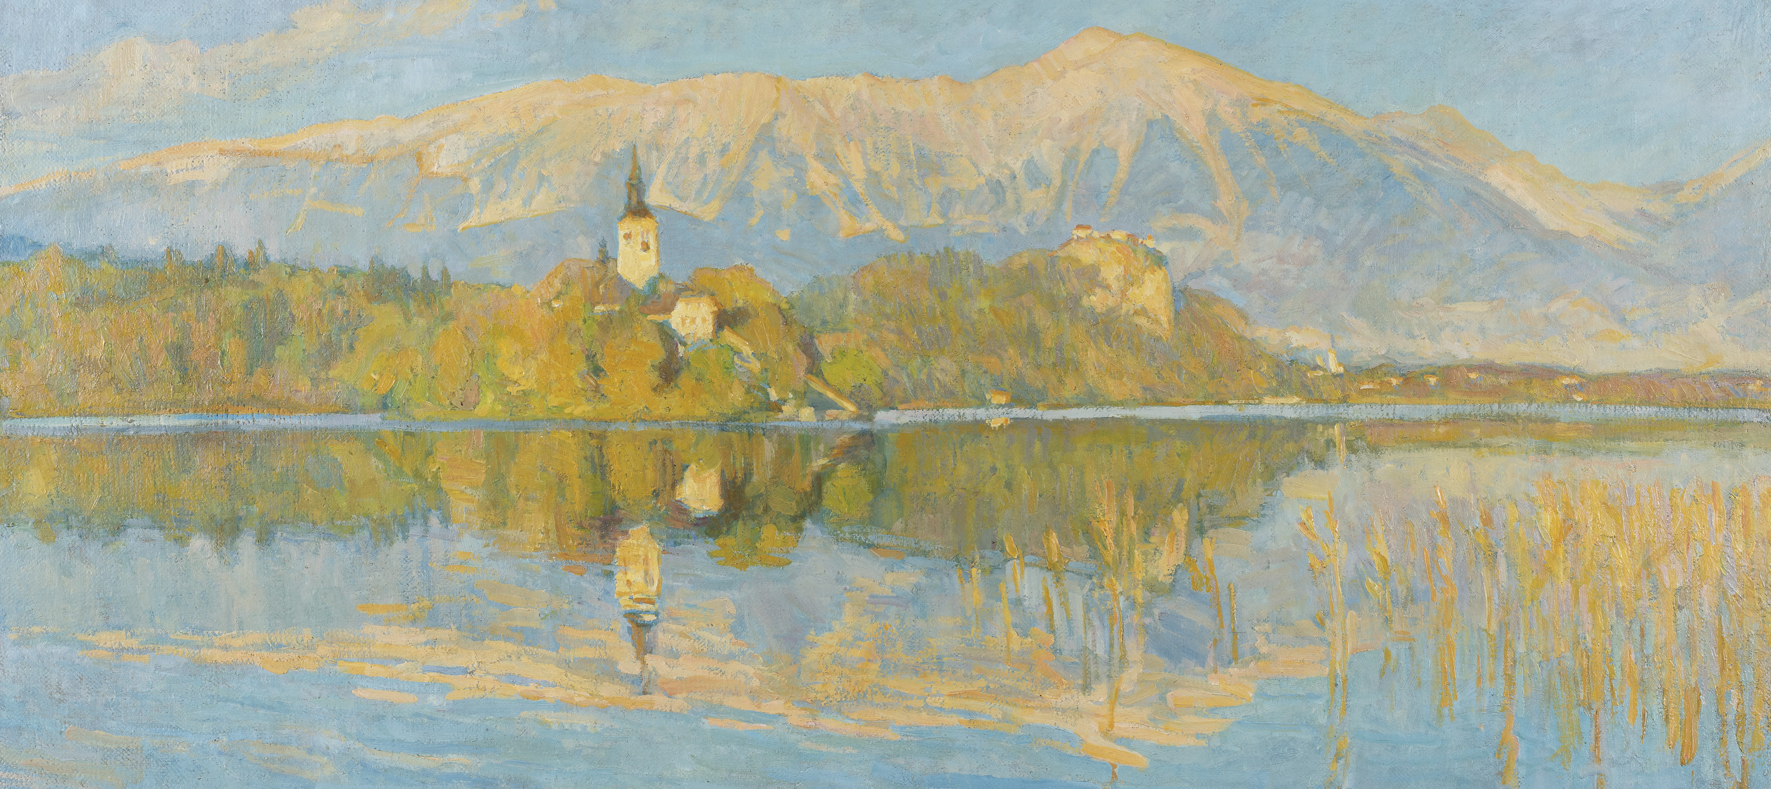 Routes des Impressionnismes ouvrage